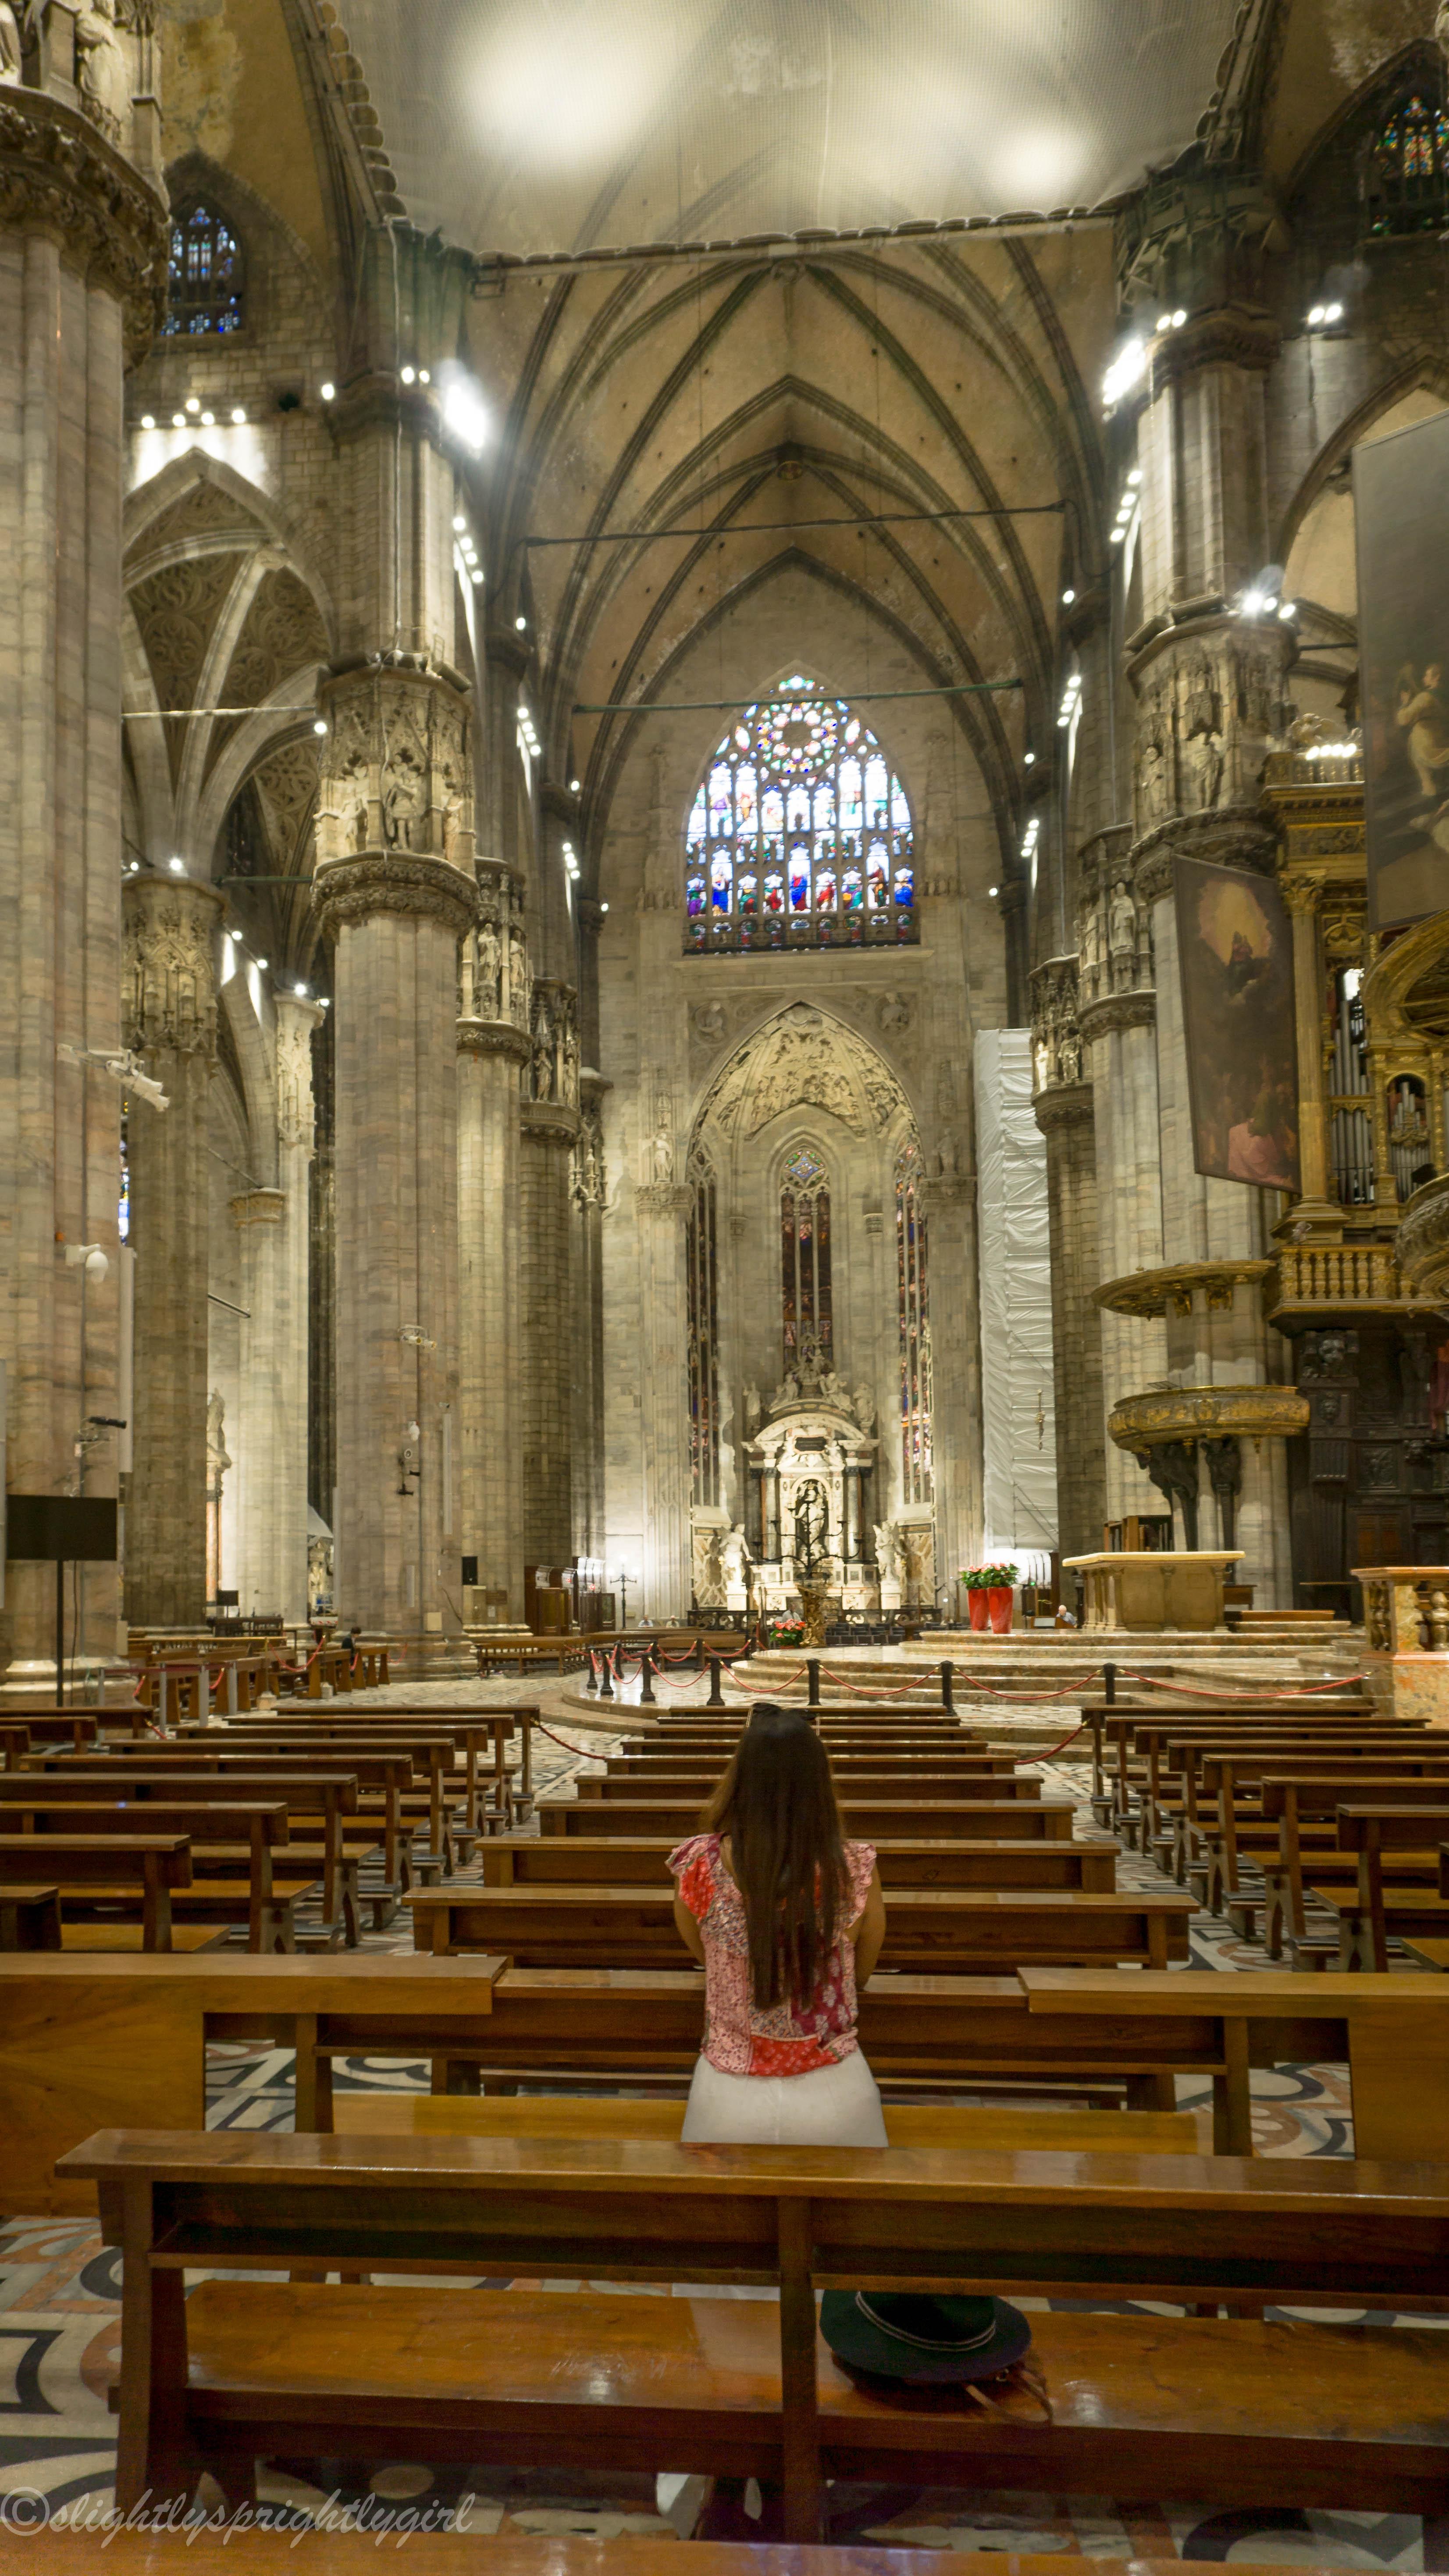 Duomo di Milano interior